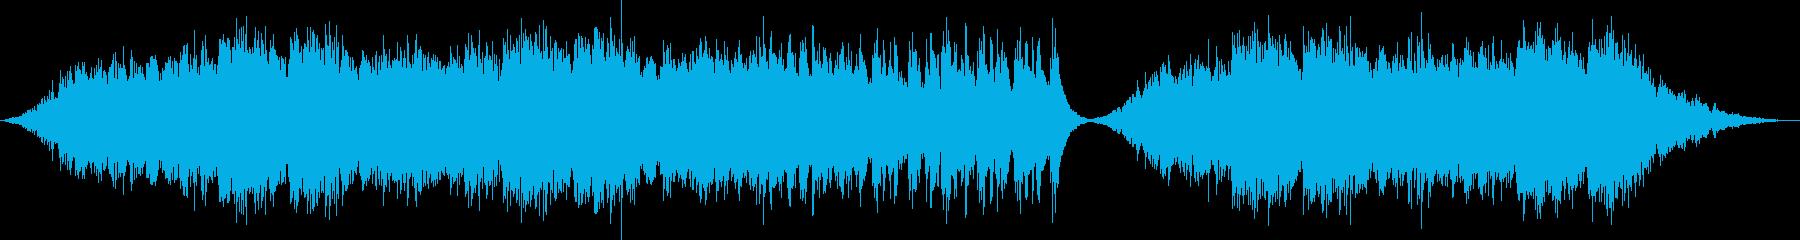 水をイメージしたヒーリングBGMの再生済みの波形